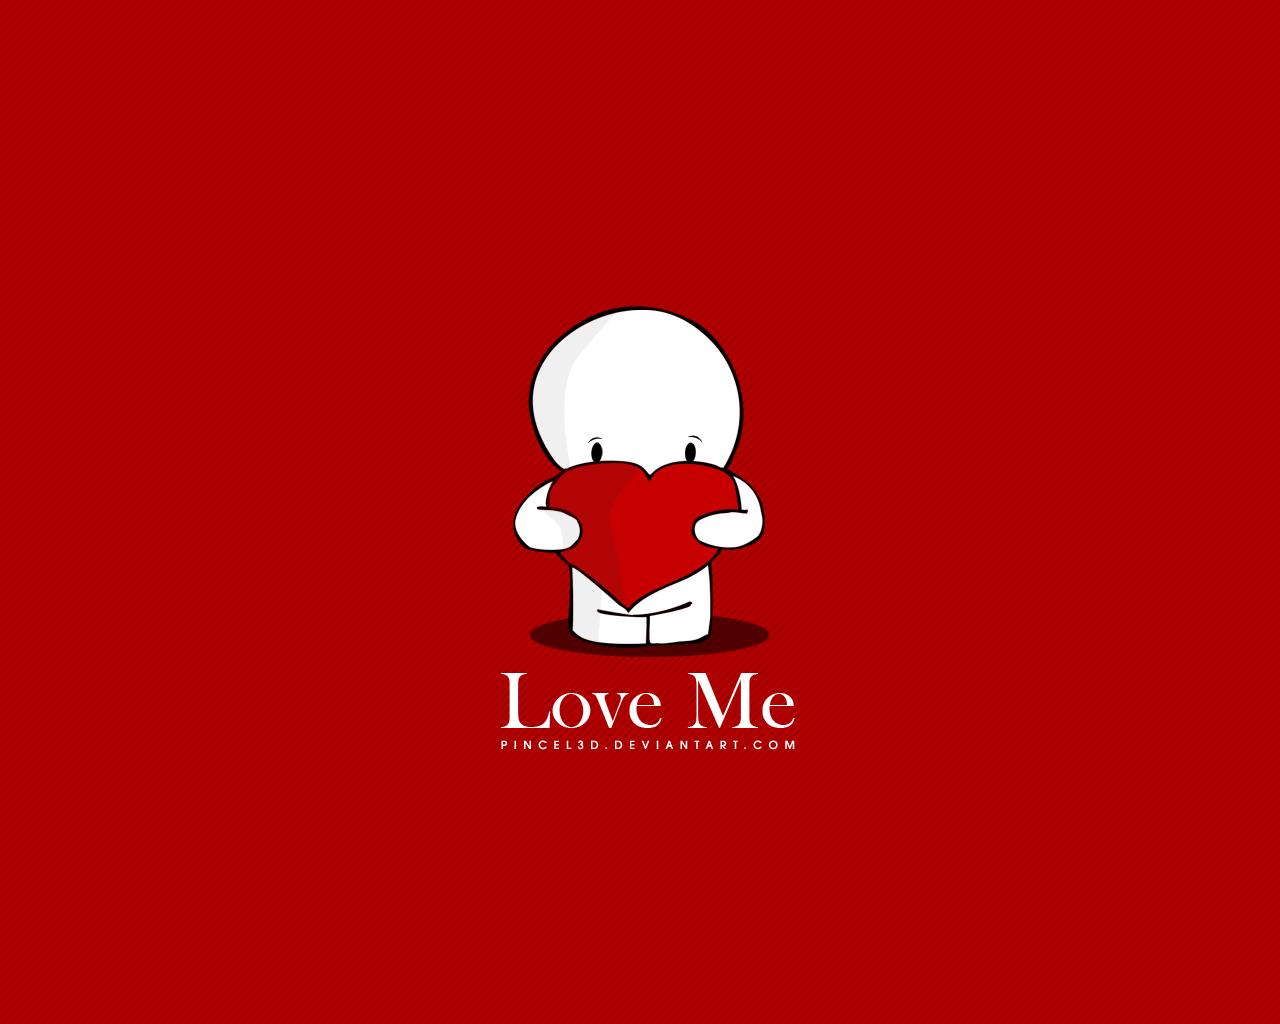 http://4.bp.blogspot.com/-LprxkX2vY1c/TtHbZKHYwWI/AAAAAAAAAfI/lc1E6GXWfPE/s1600/Love-Me-orkut+Wallpapers.jpg